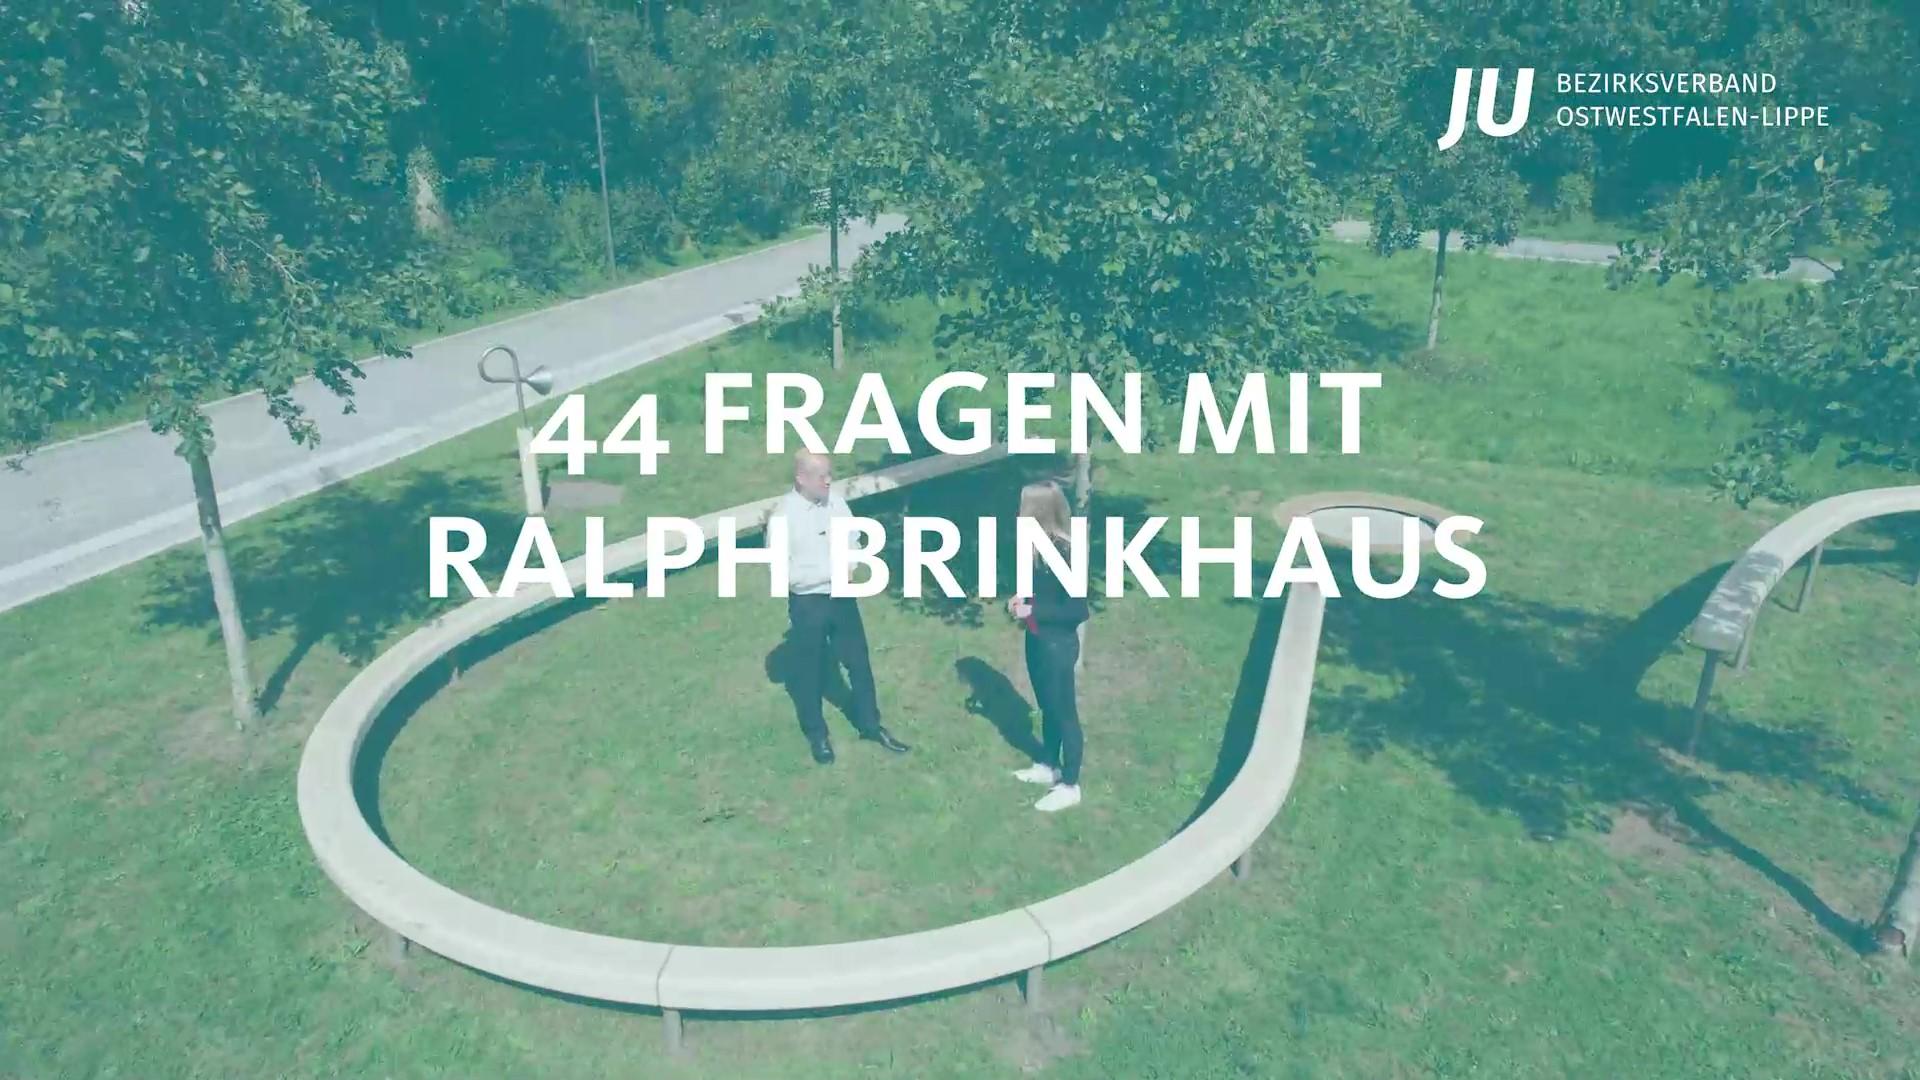 44 Fragen mit Ralph Brinkhaus